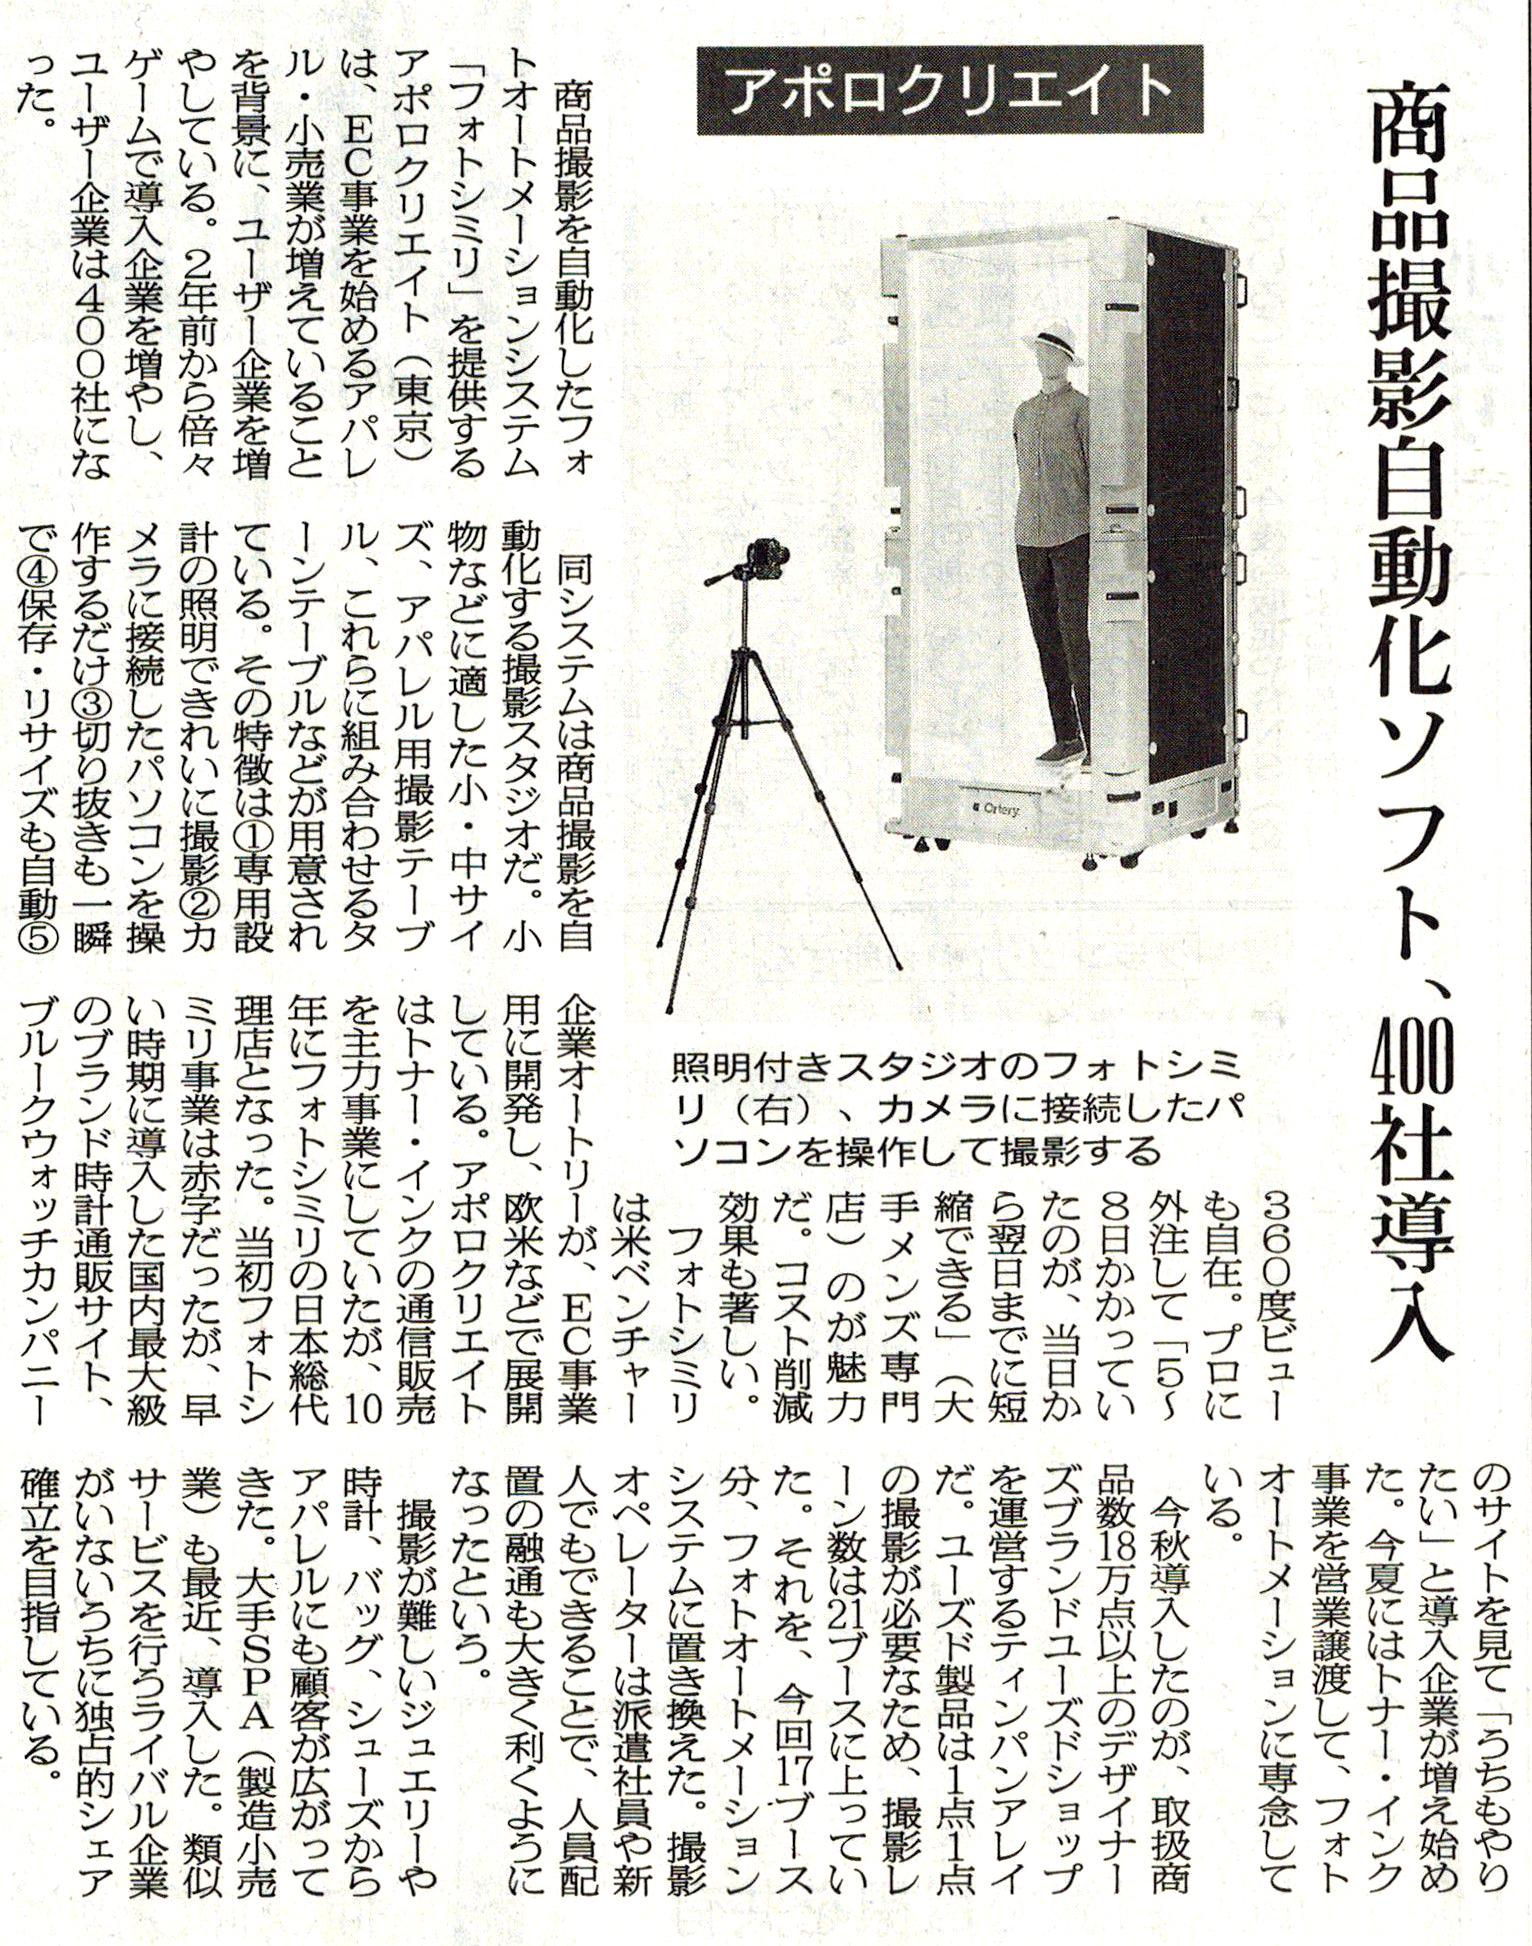 繊研新聞にフォトオートメーションについて掲載されました。